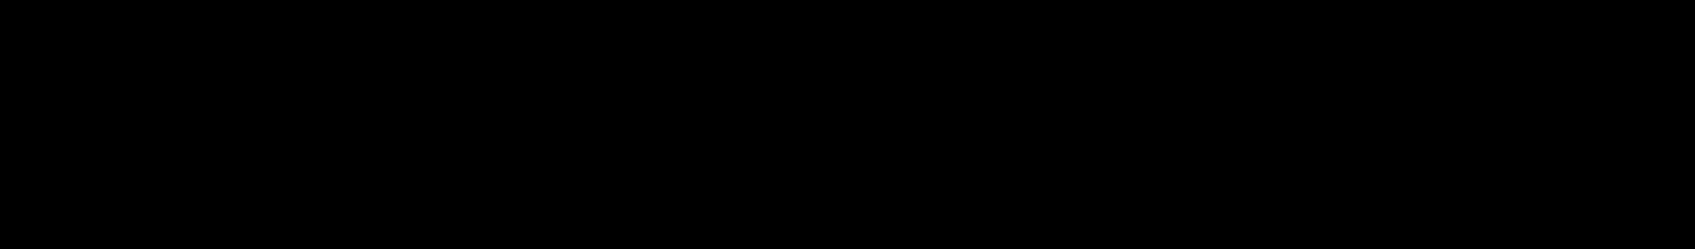 FreeState—Logotype—Black